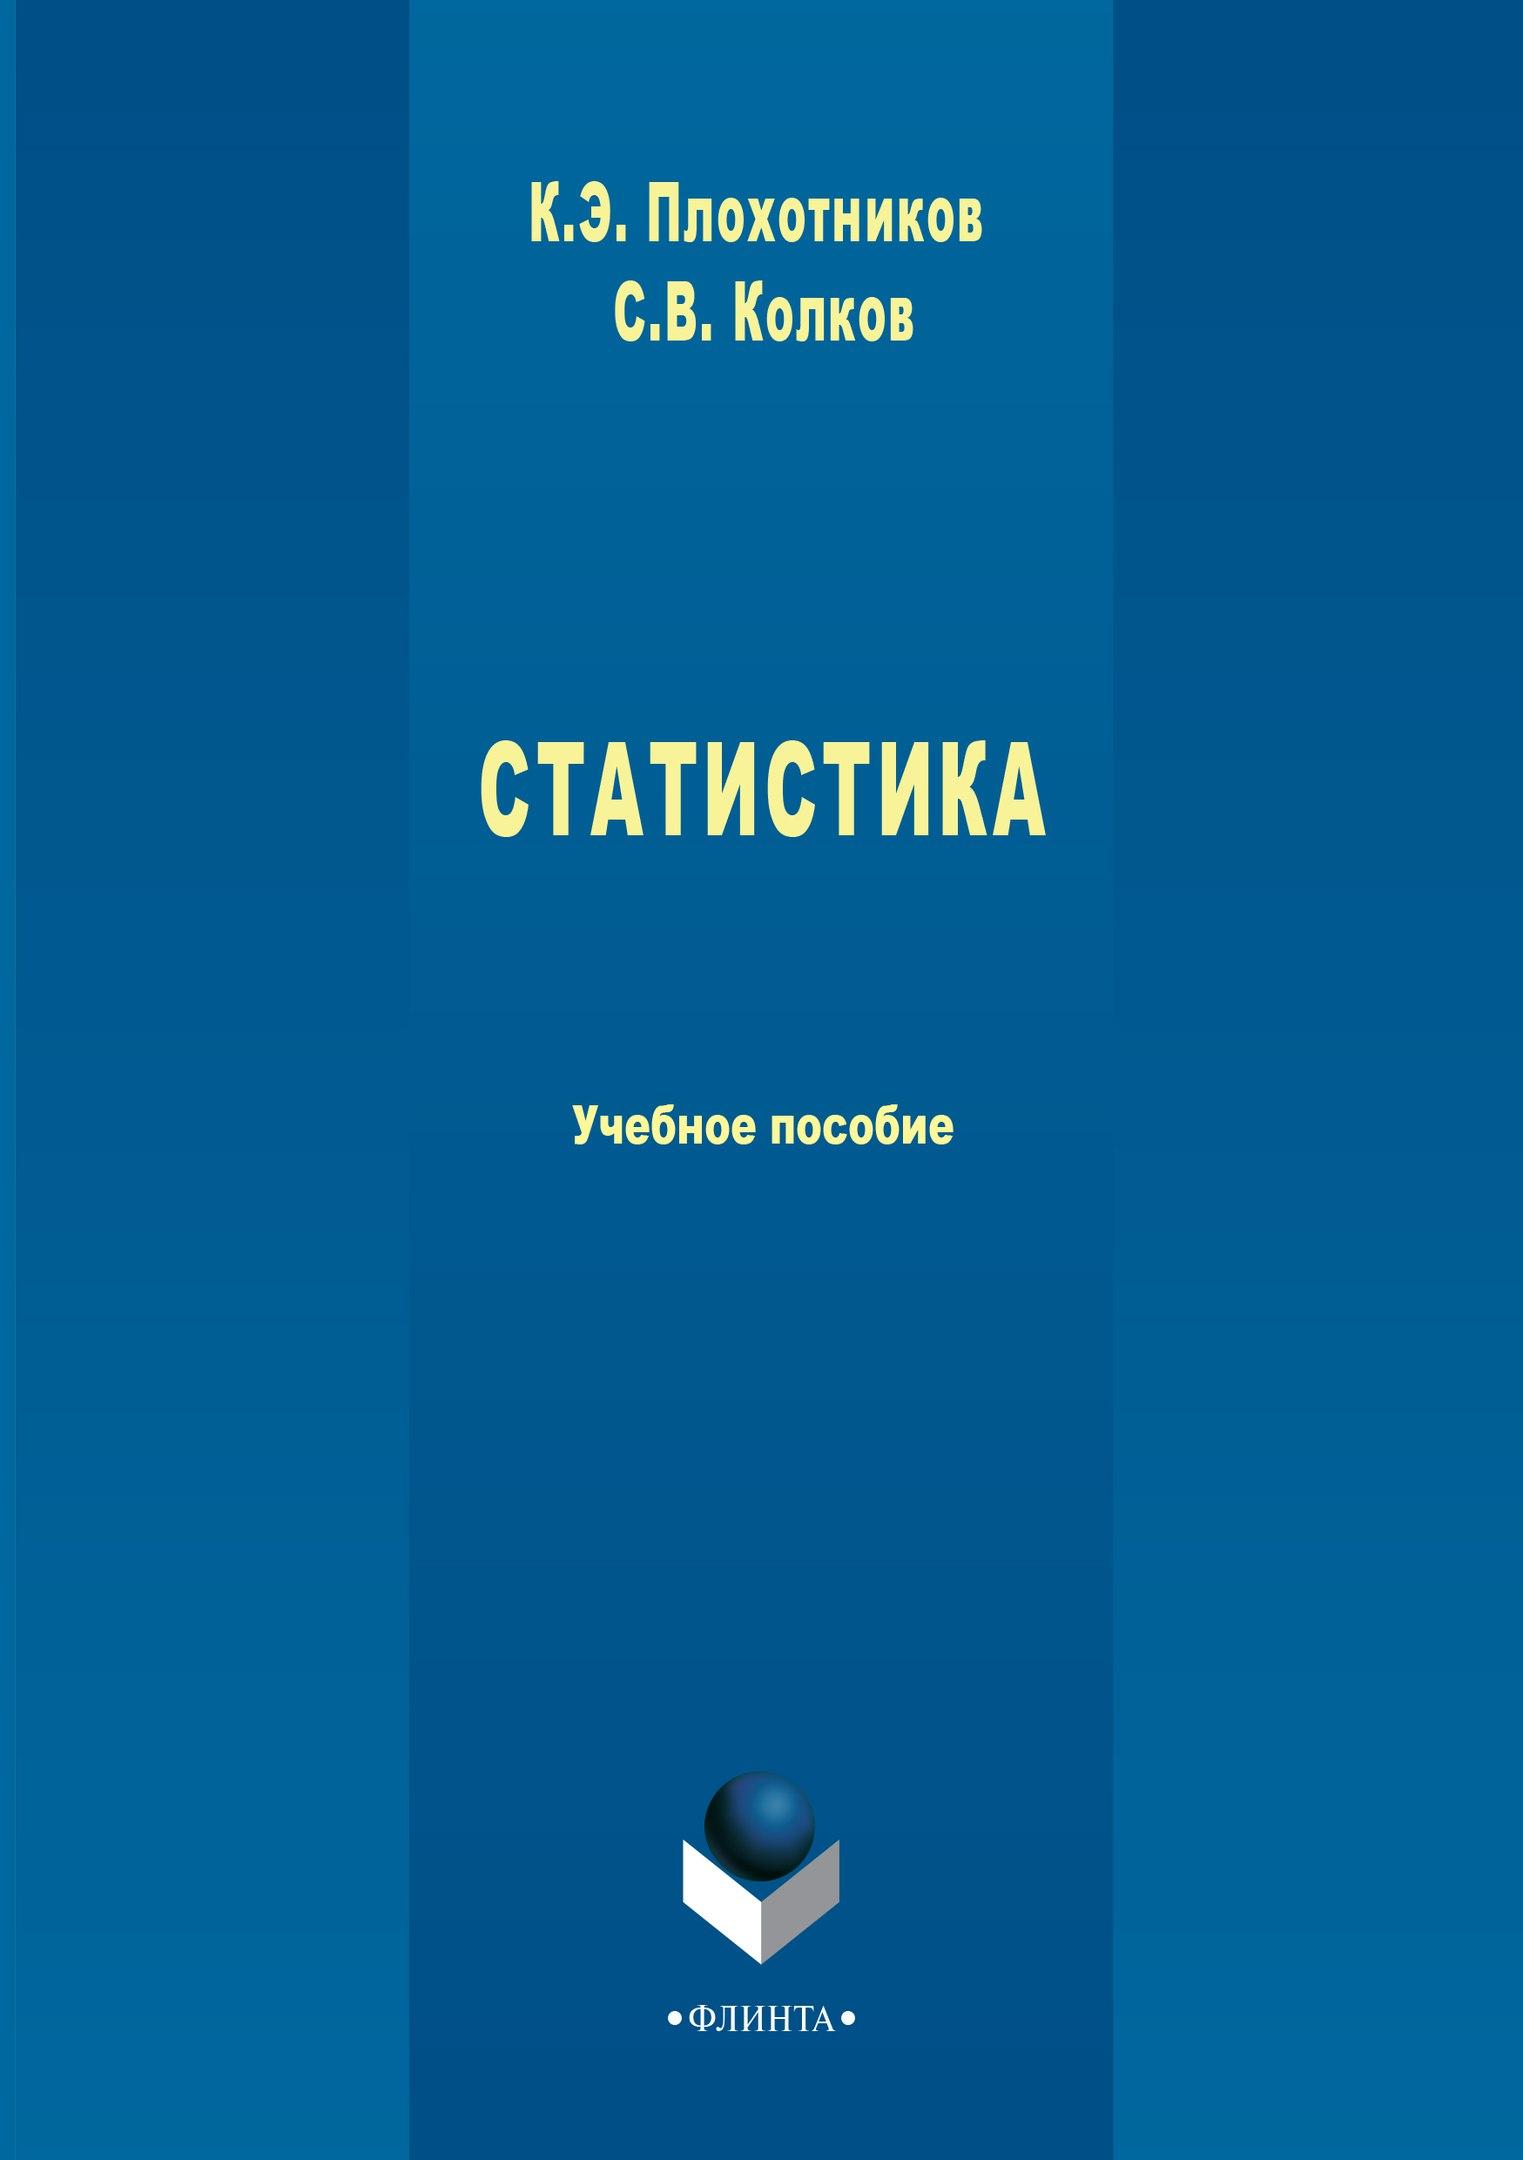 К. Э. Плохотников Статистика. Учебное пособие